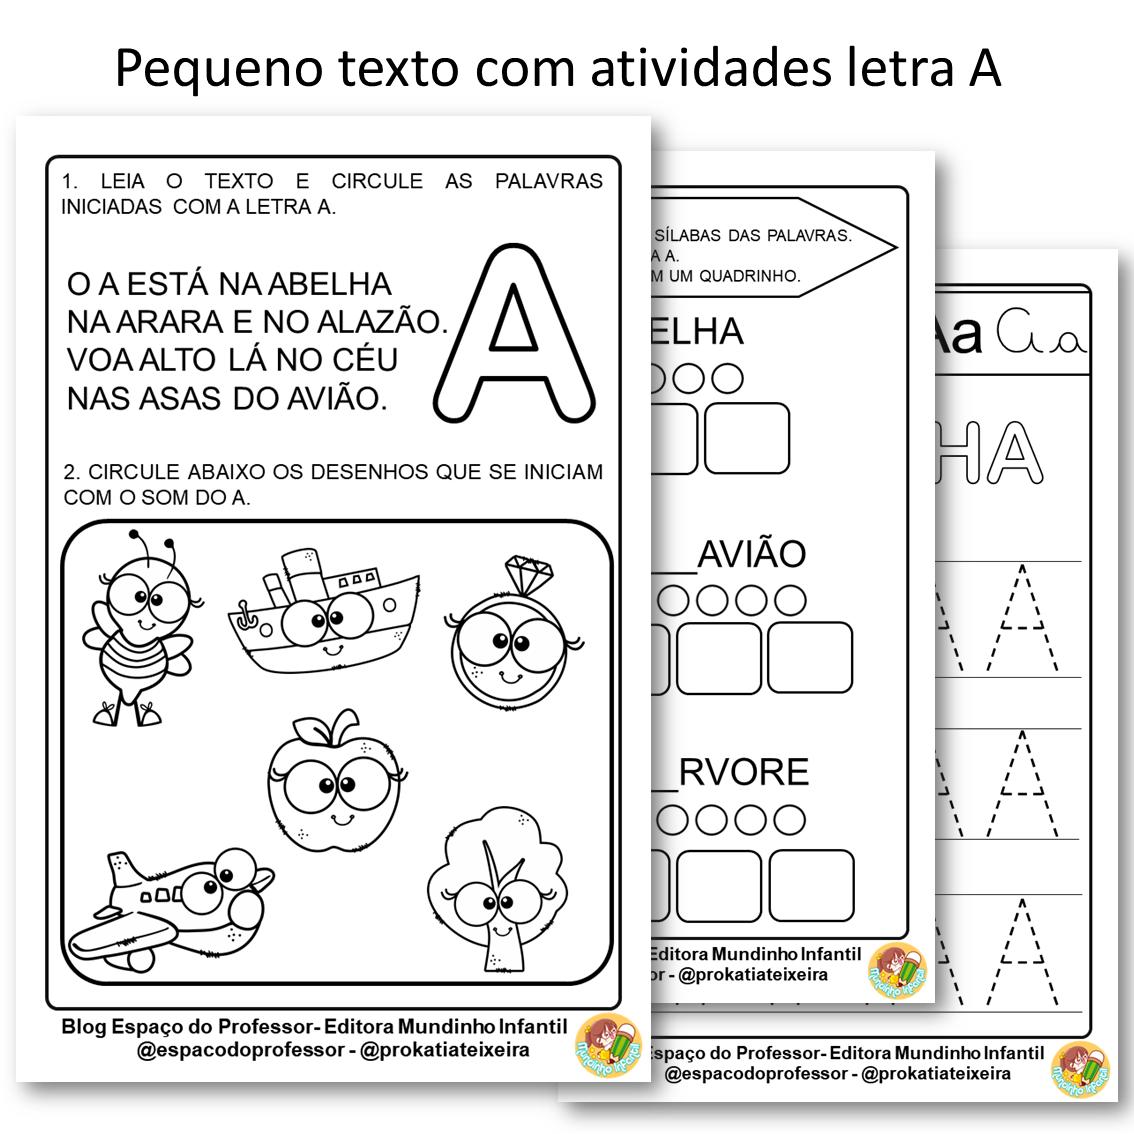 Pequeno texto com atividades Educação Infantil letra A